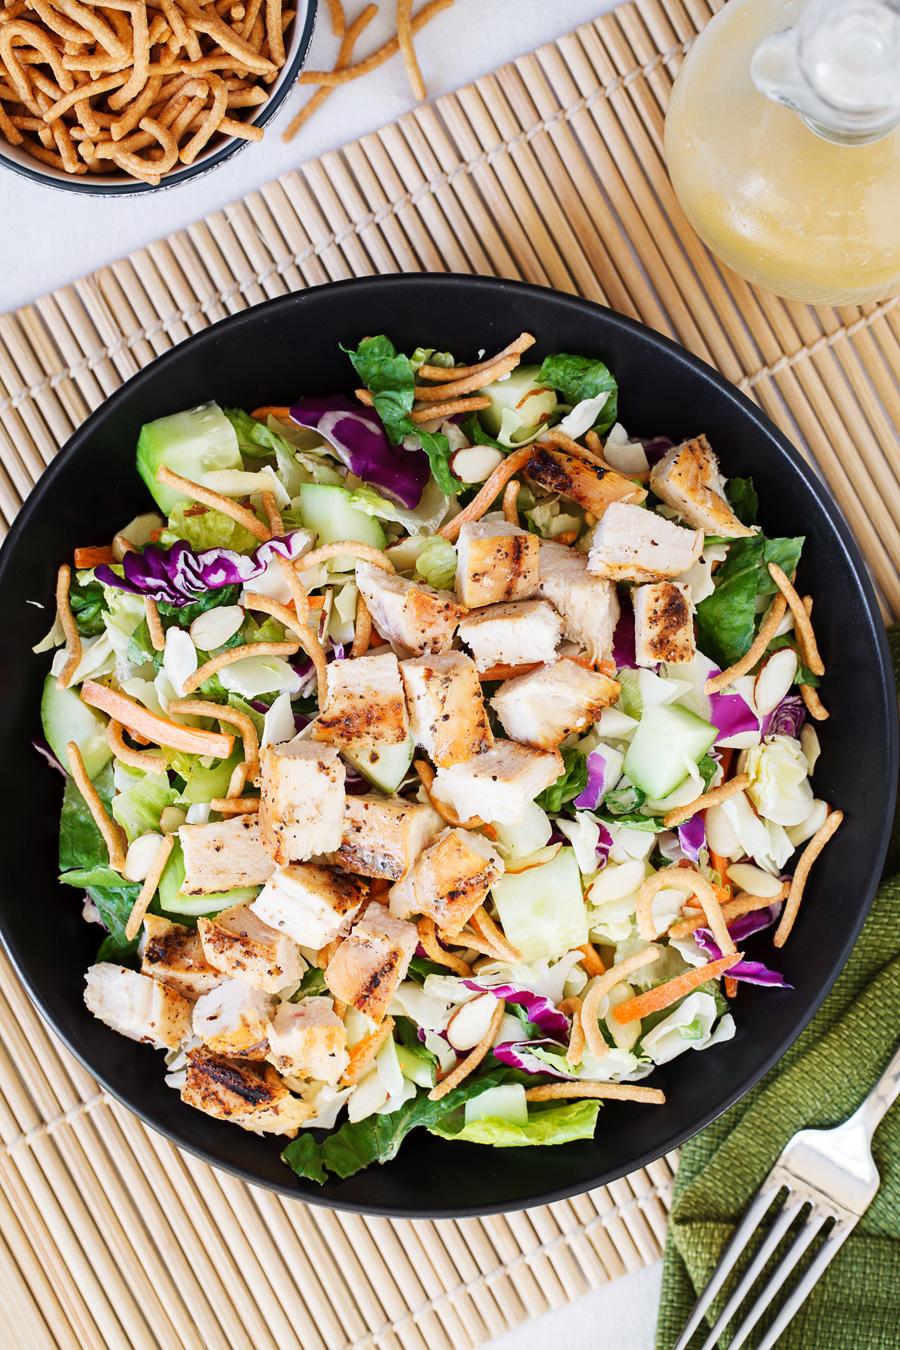 Oriental Chicken Salad Ingredients